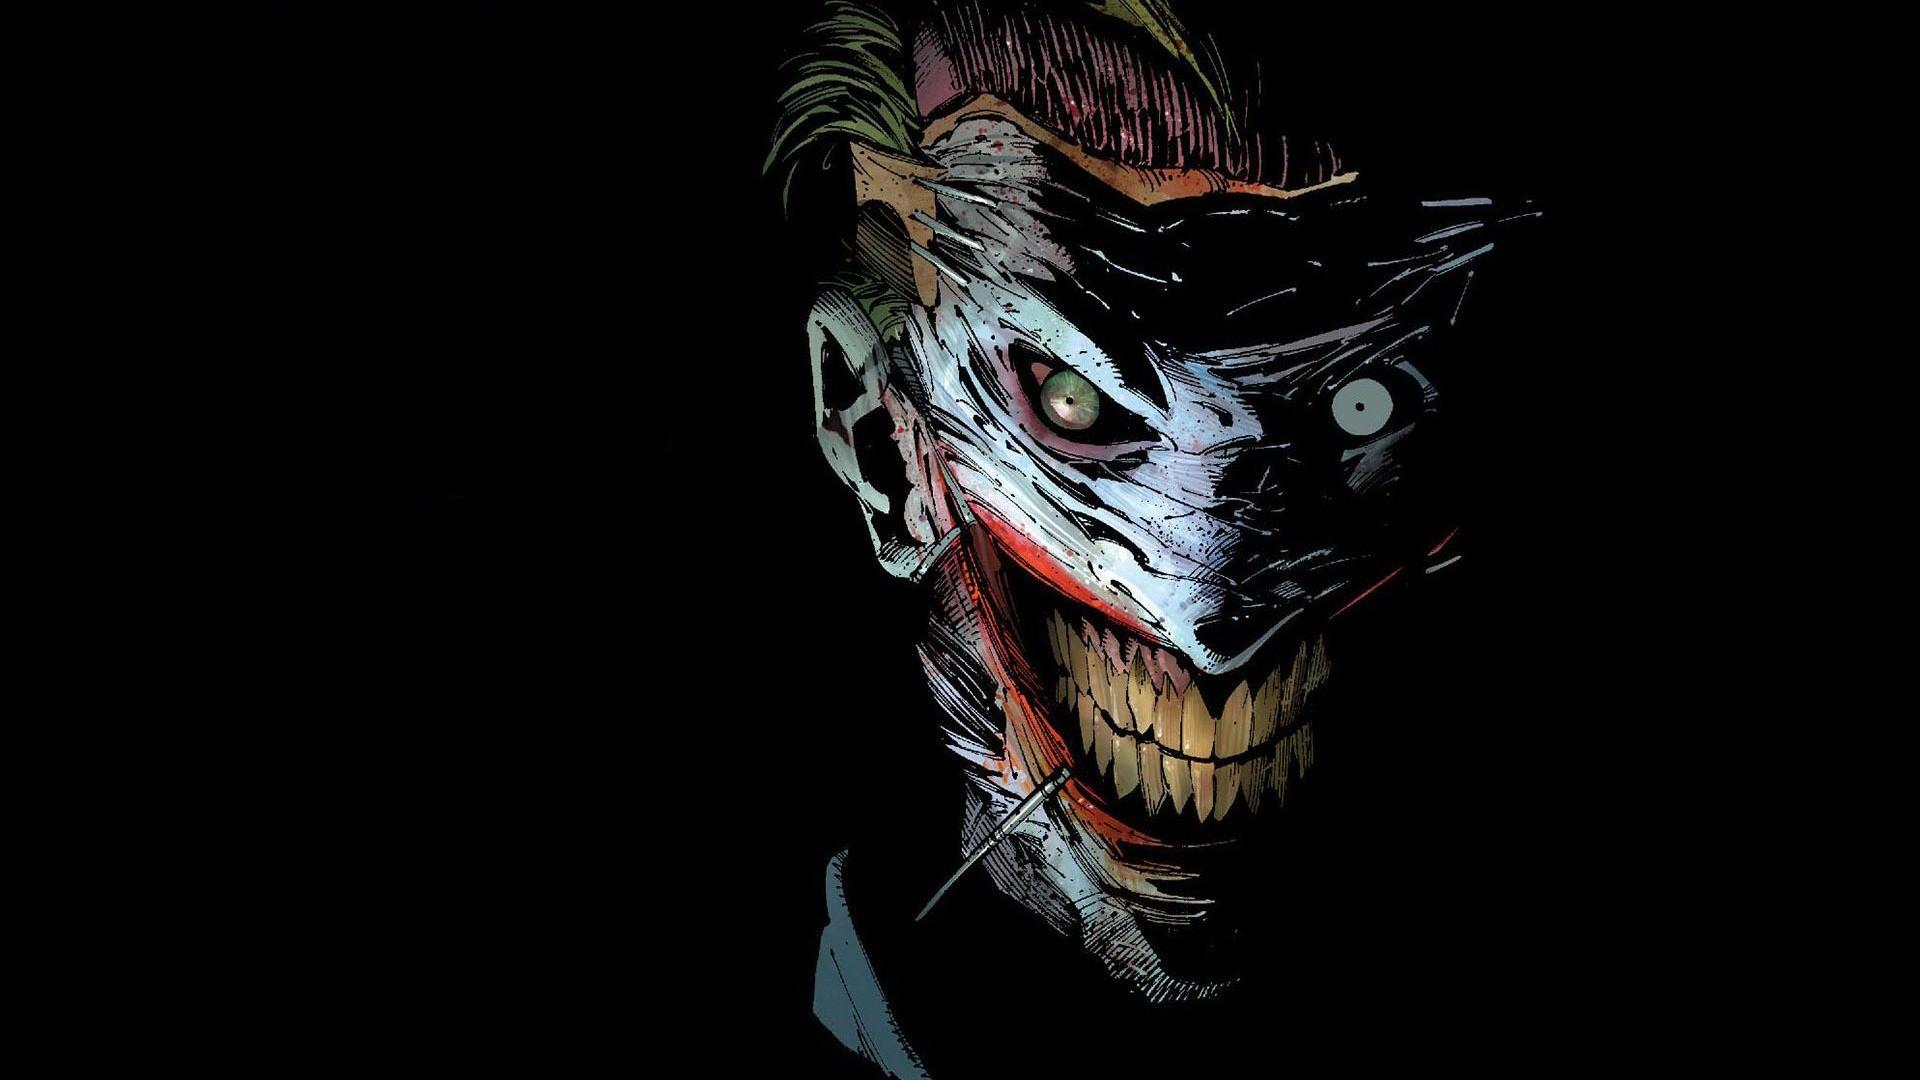 Batman DC Comics The Joker Wallpaper